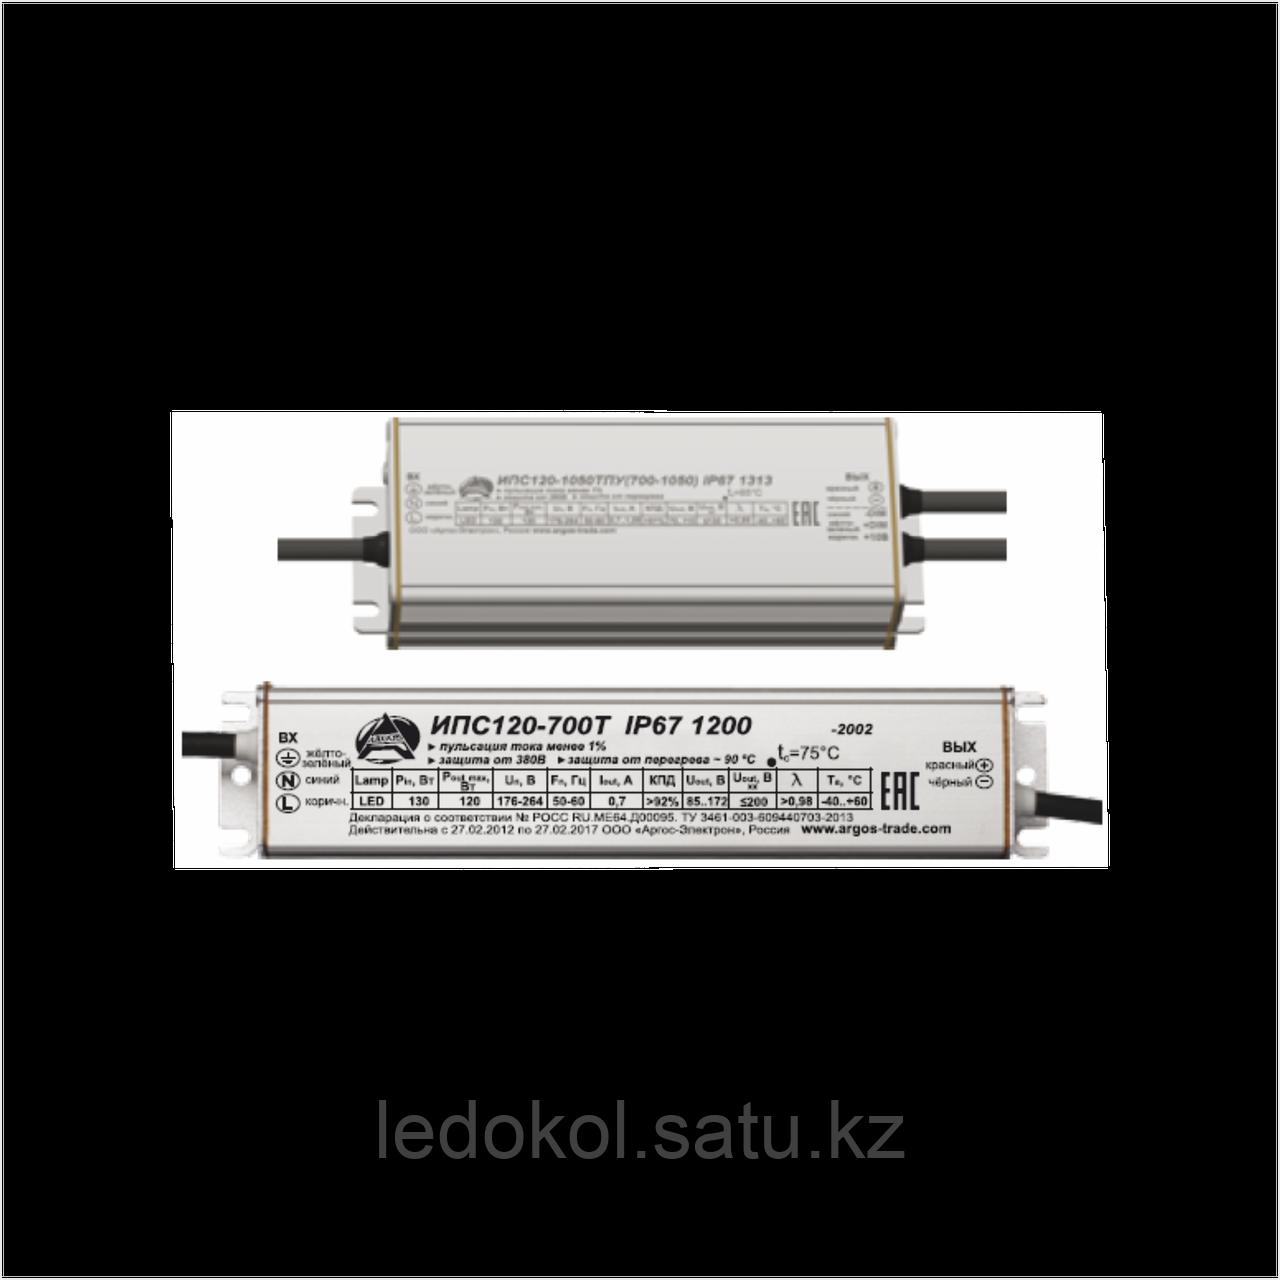 Источник питания Аргос ИПС120-1400Т IP67 ПРОМ 1200